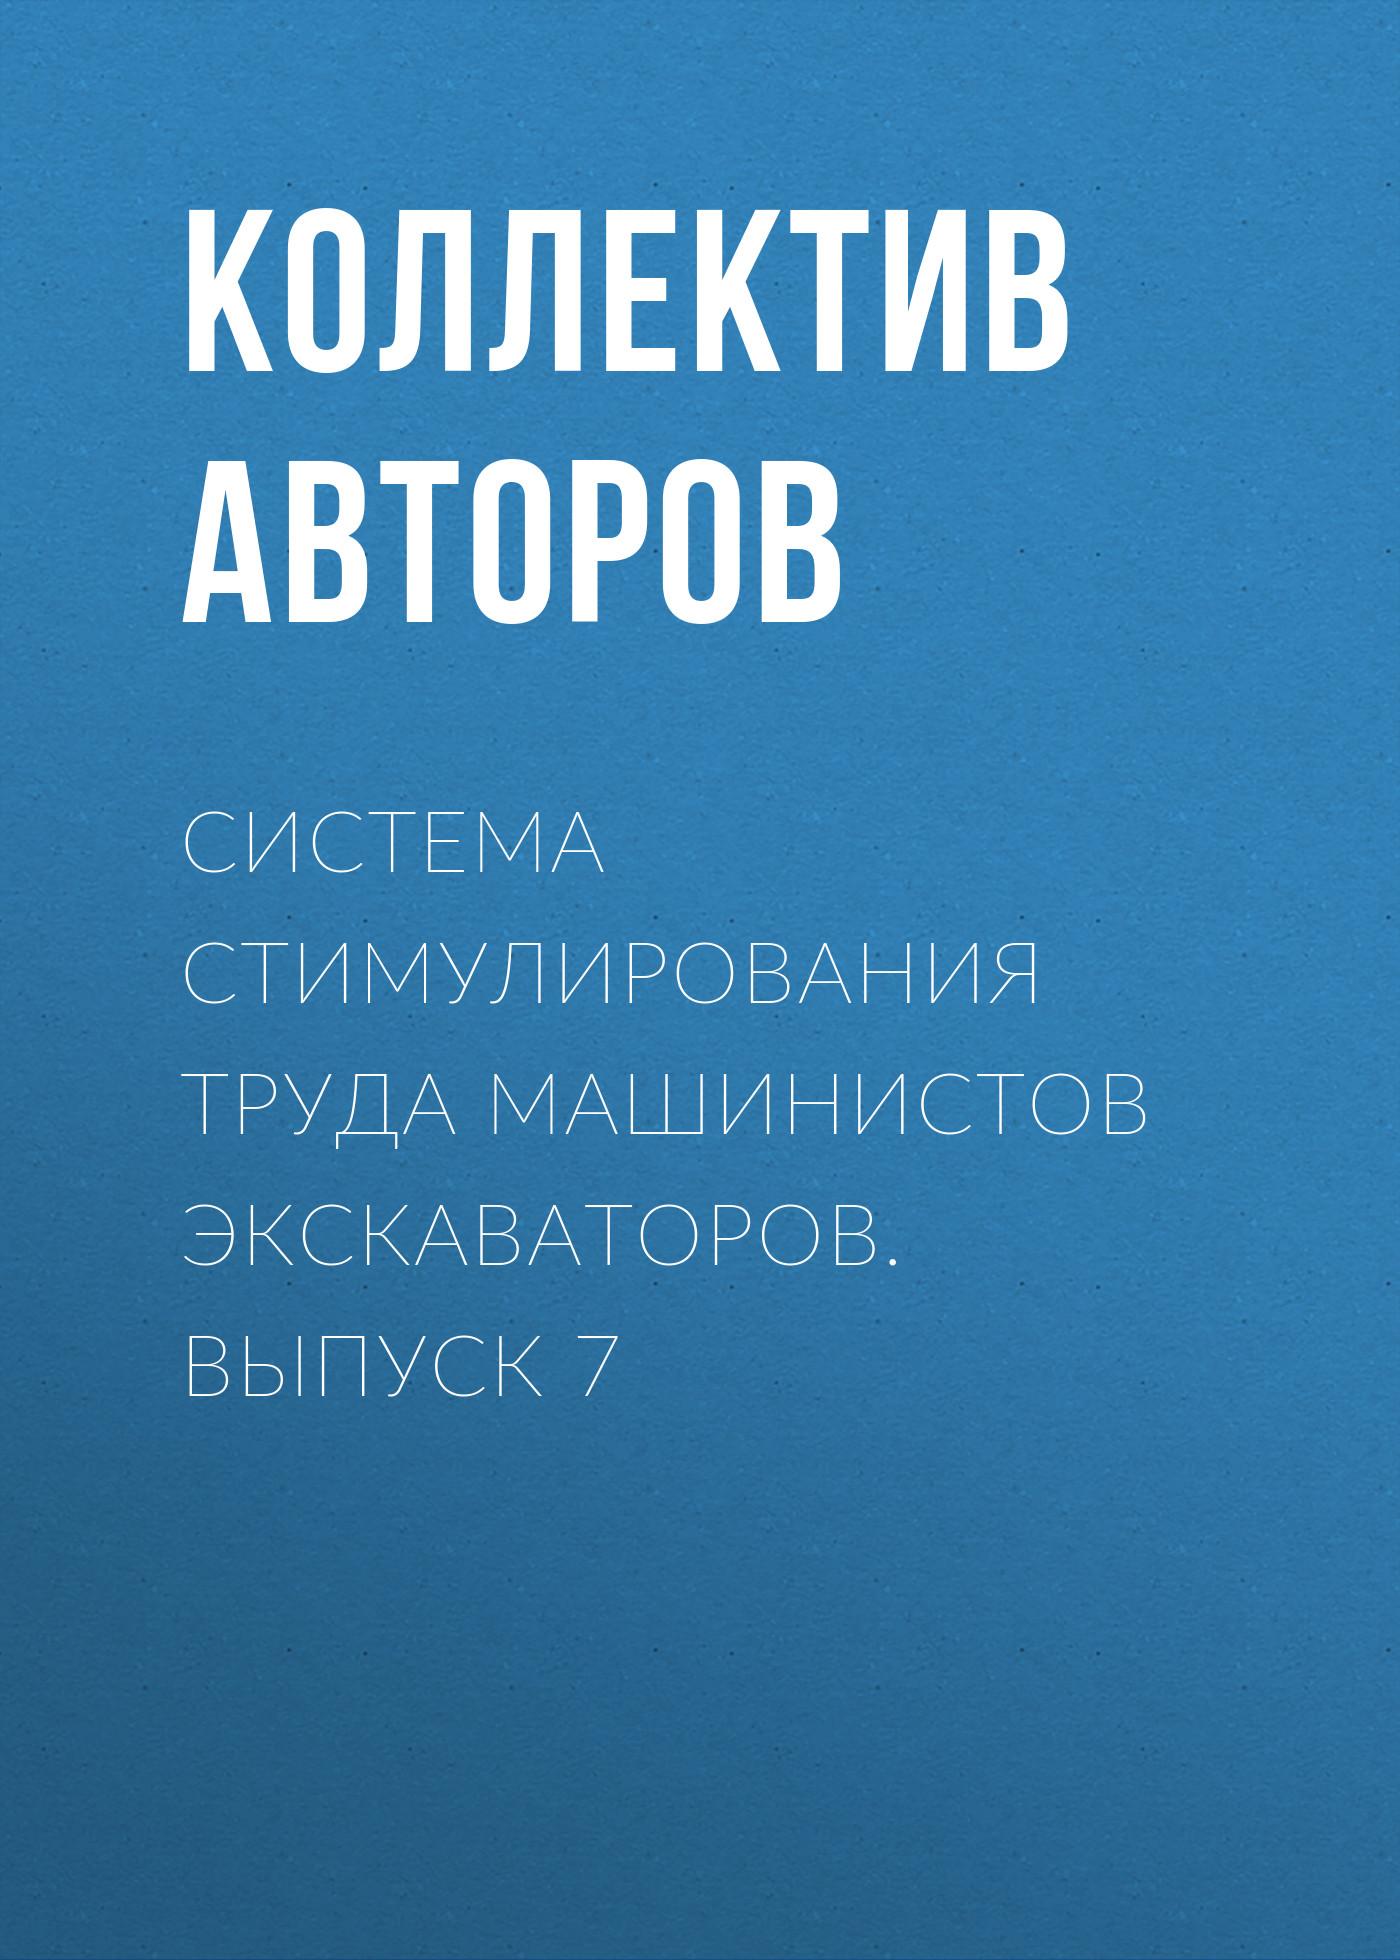 Коллектив авторов Система стимулирования труда машинистов экскаваторов. Выпуск 7